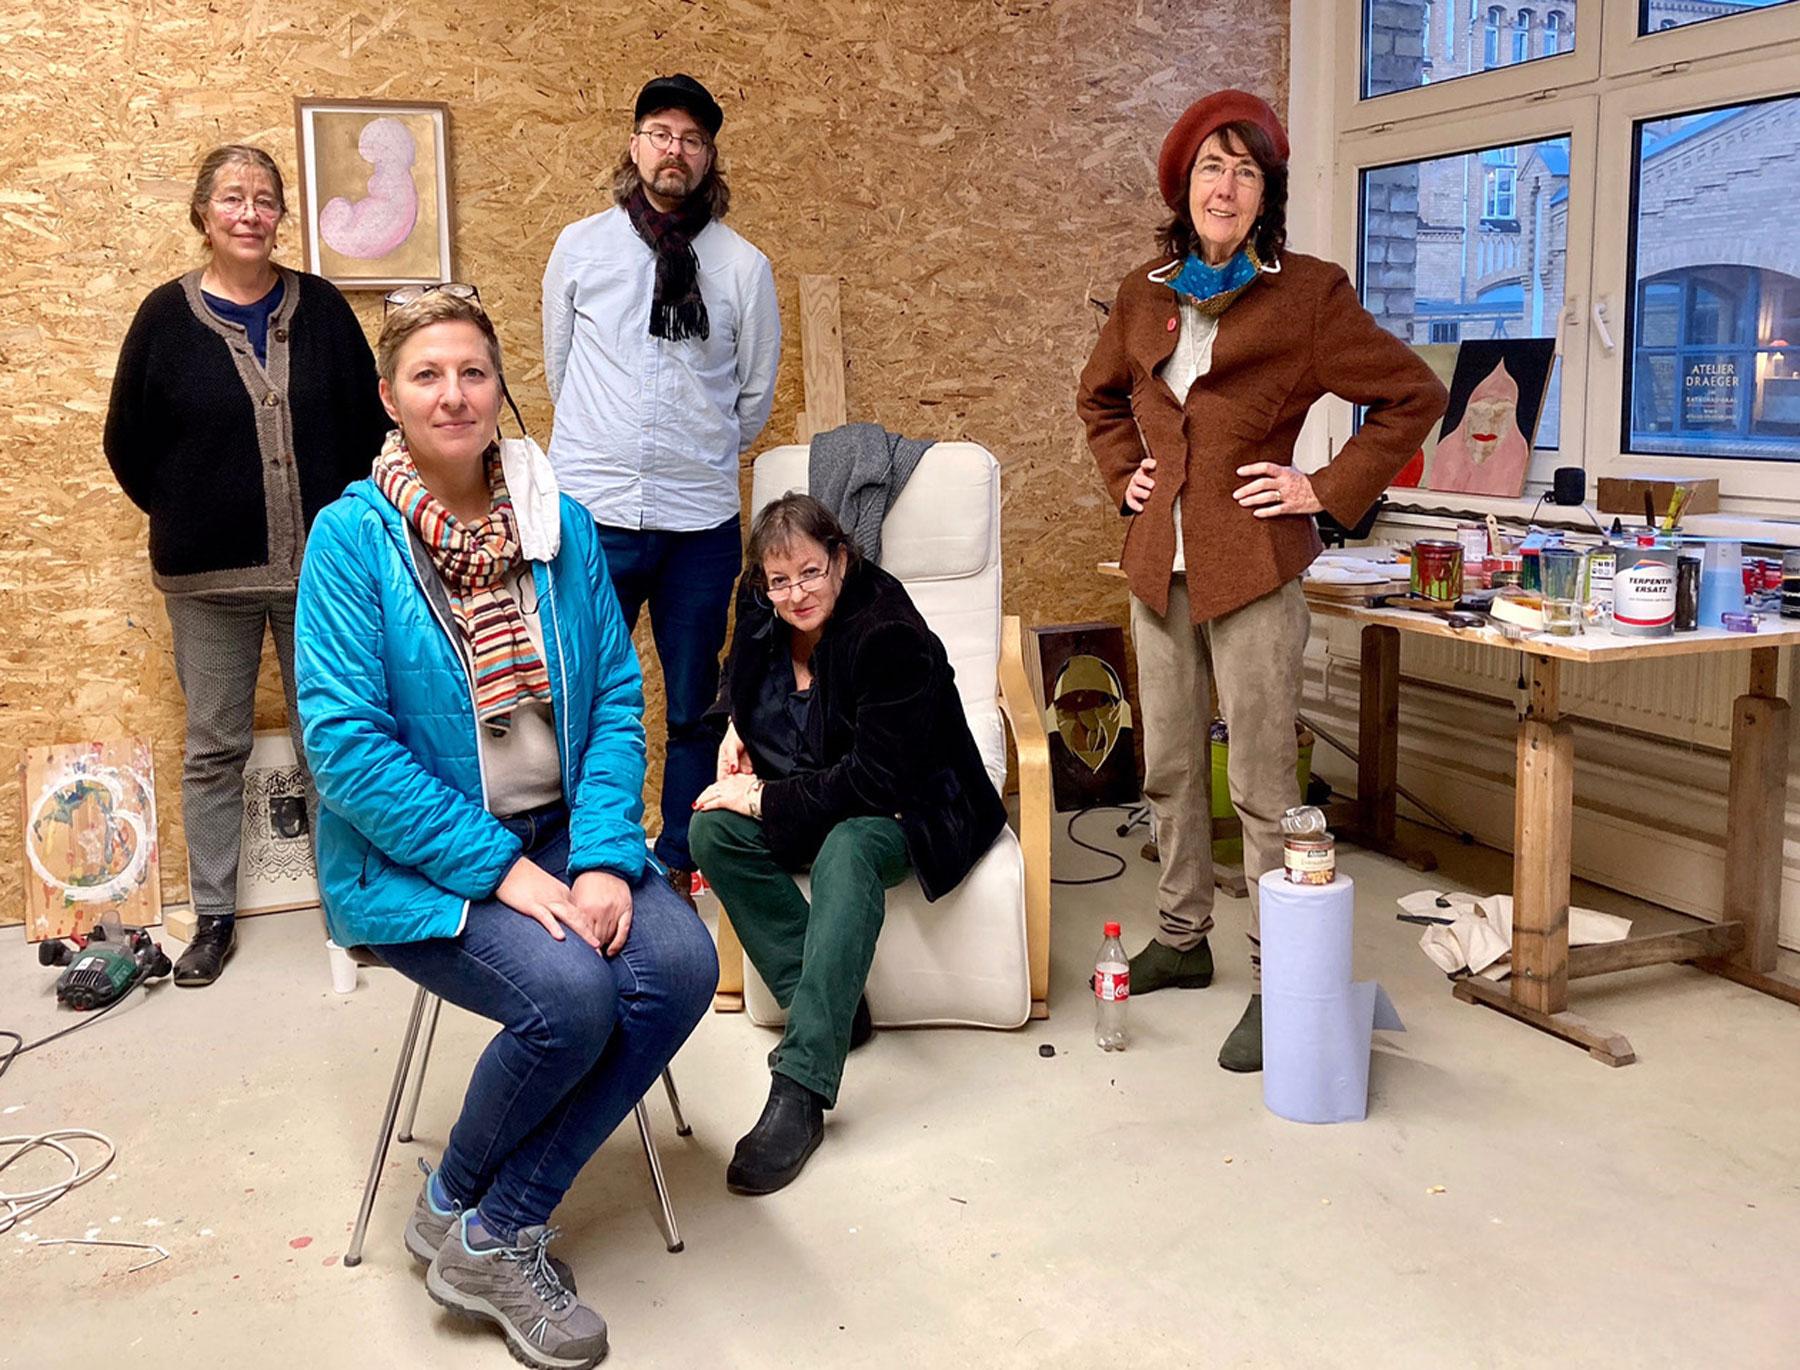 Stefka Ammon, Dorit Bearach, Liz Crossley, Sebastian Körbs, Gudrun Kühne haben die Leitungsstelle der letzten bezirklichen Galerie gerettet